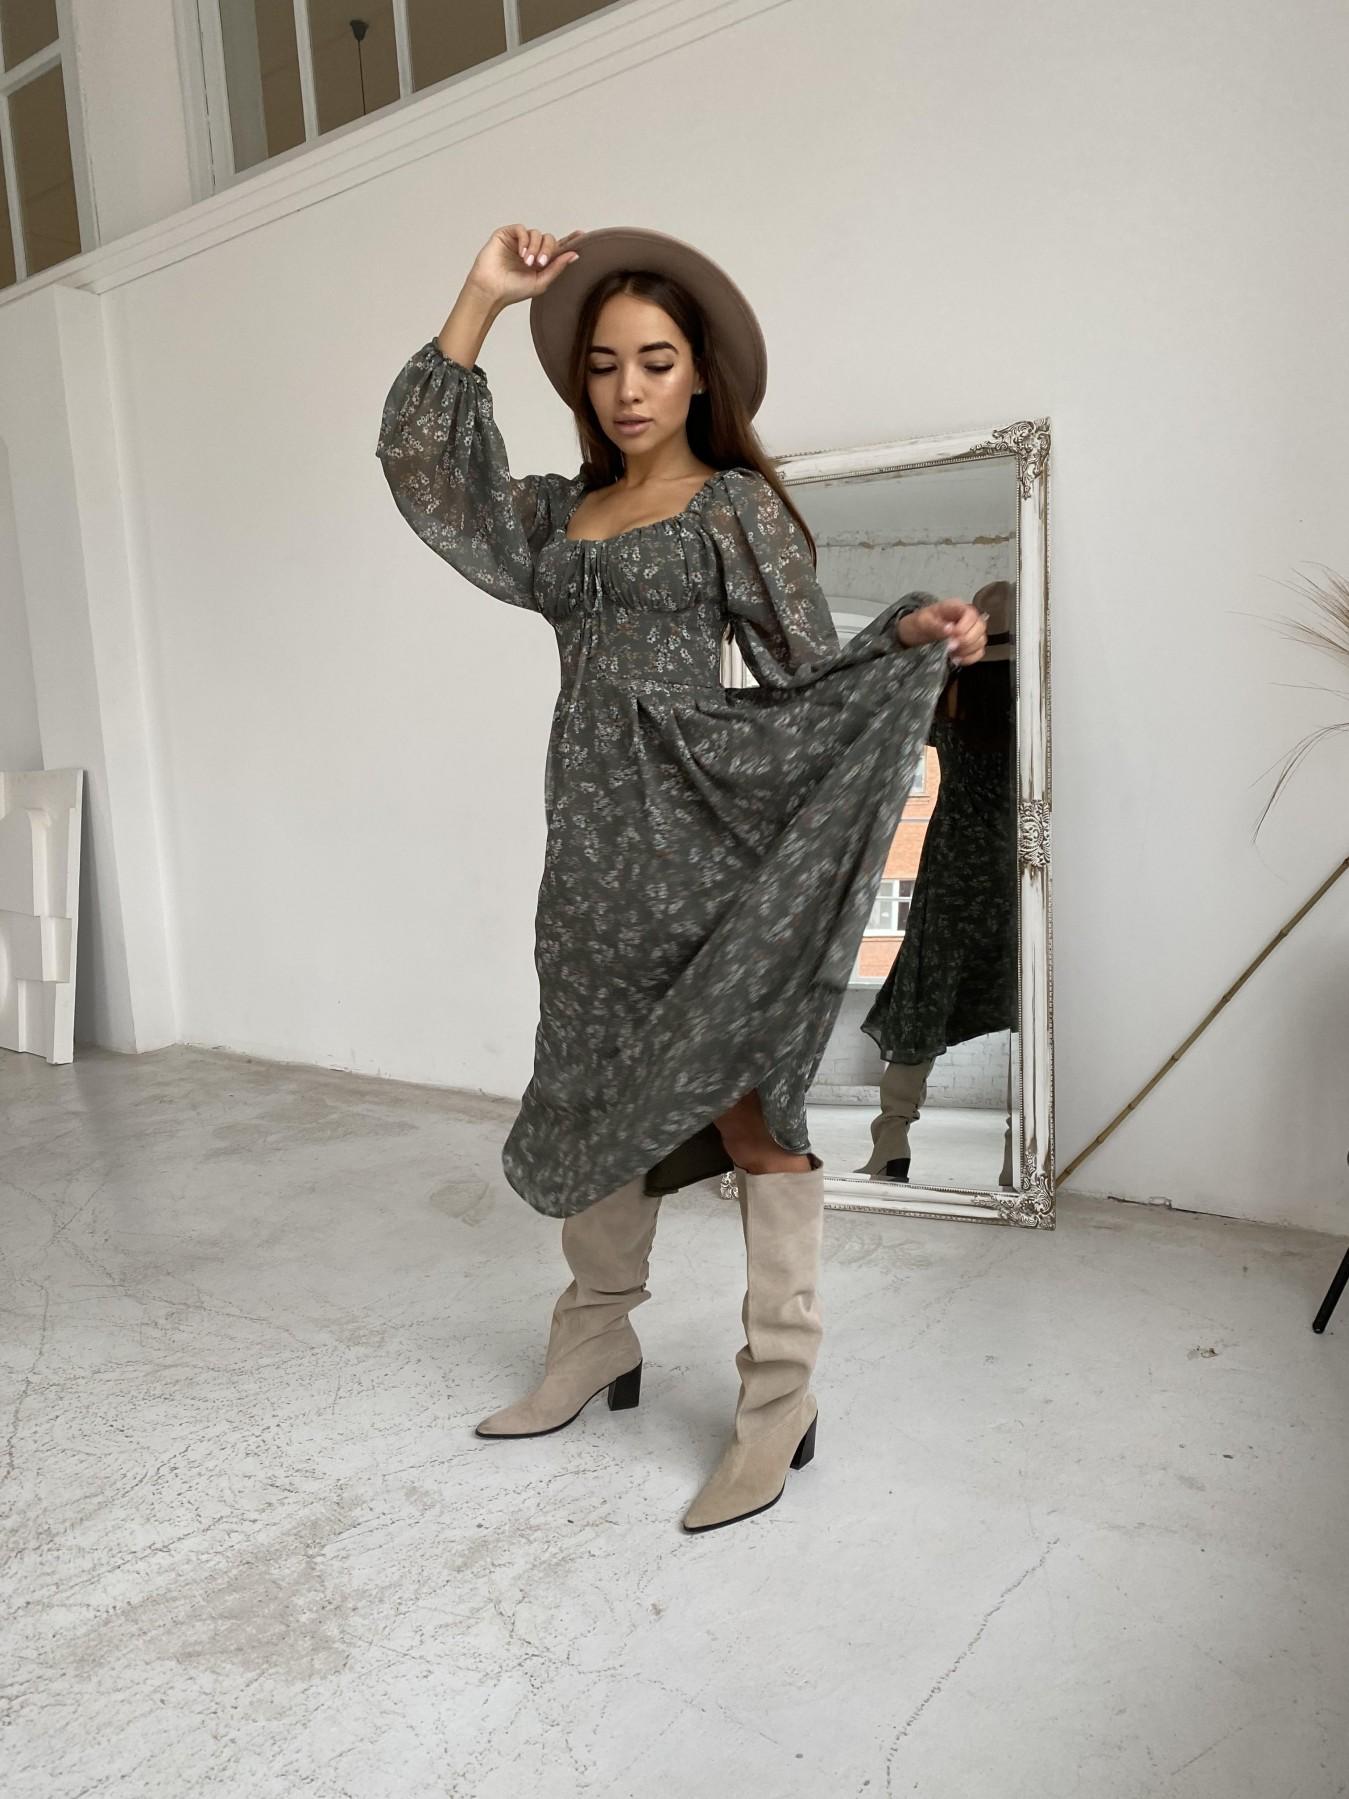 Кисес платье из шифона с цветочным принтом 11774 АРТ. 48625 Цвет: Зеленый/МолокоЦветыНаВетке - фото 2, интернет магазин tm-modus.ru